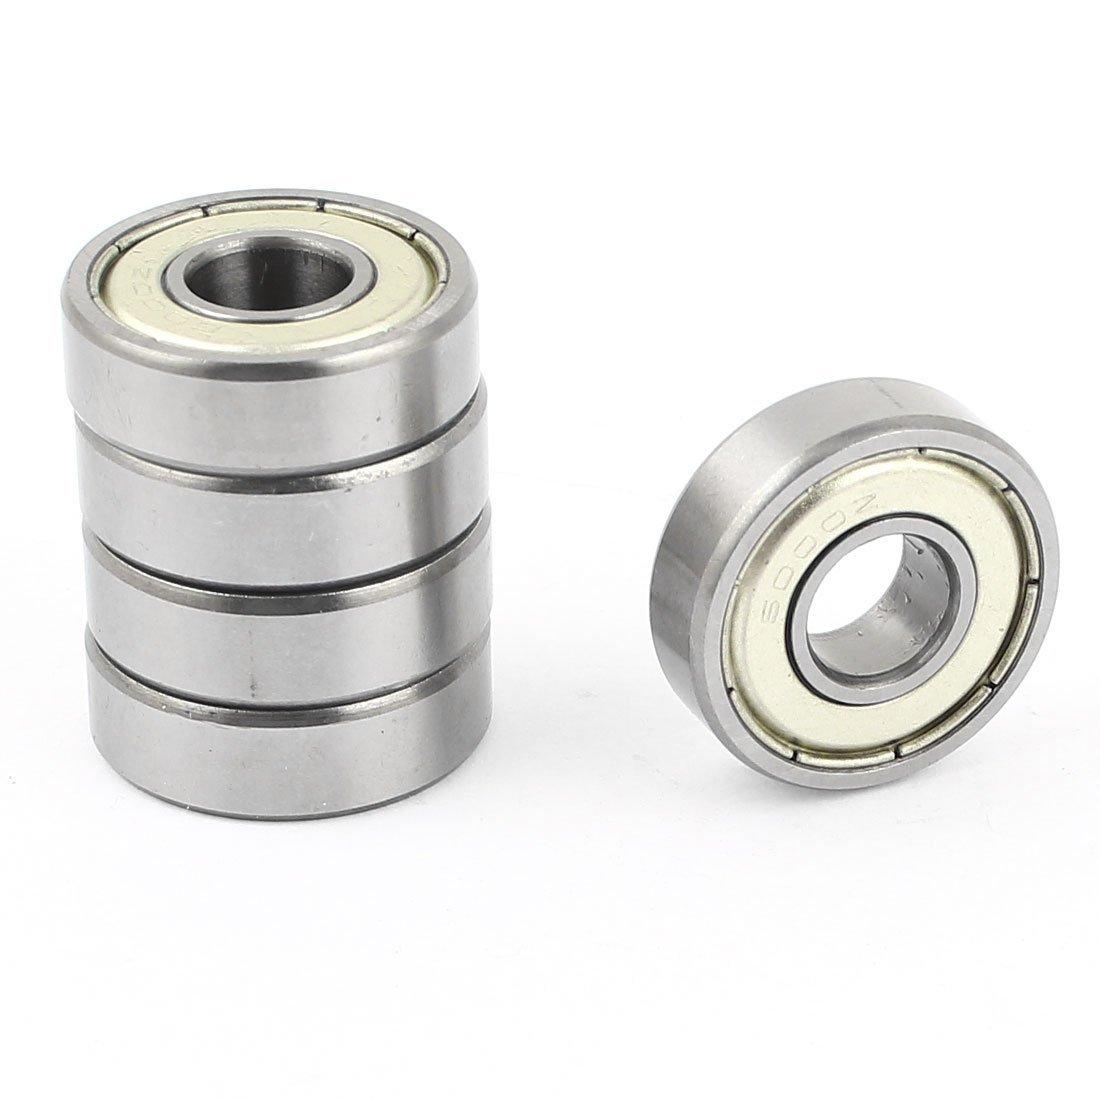 Sourcingmap - 5 pc 20009 doble metá lico protegido rodamientos rí gidos de bolas 10x26x8mm a14091500ux0318